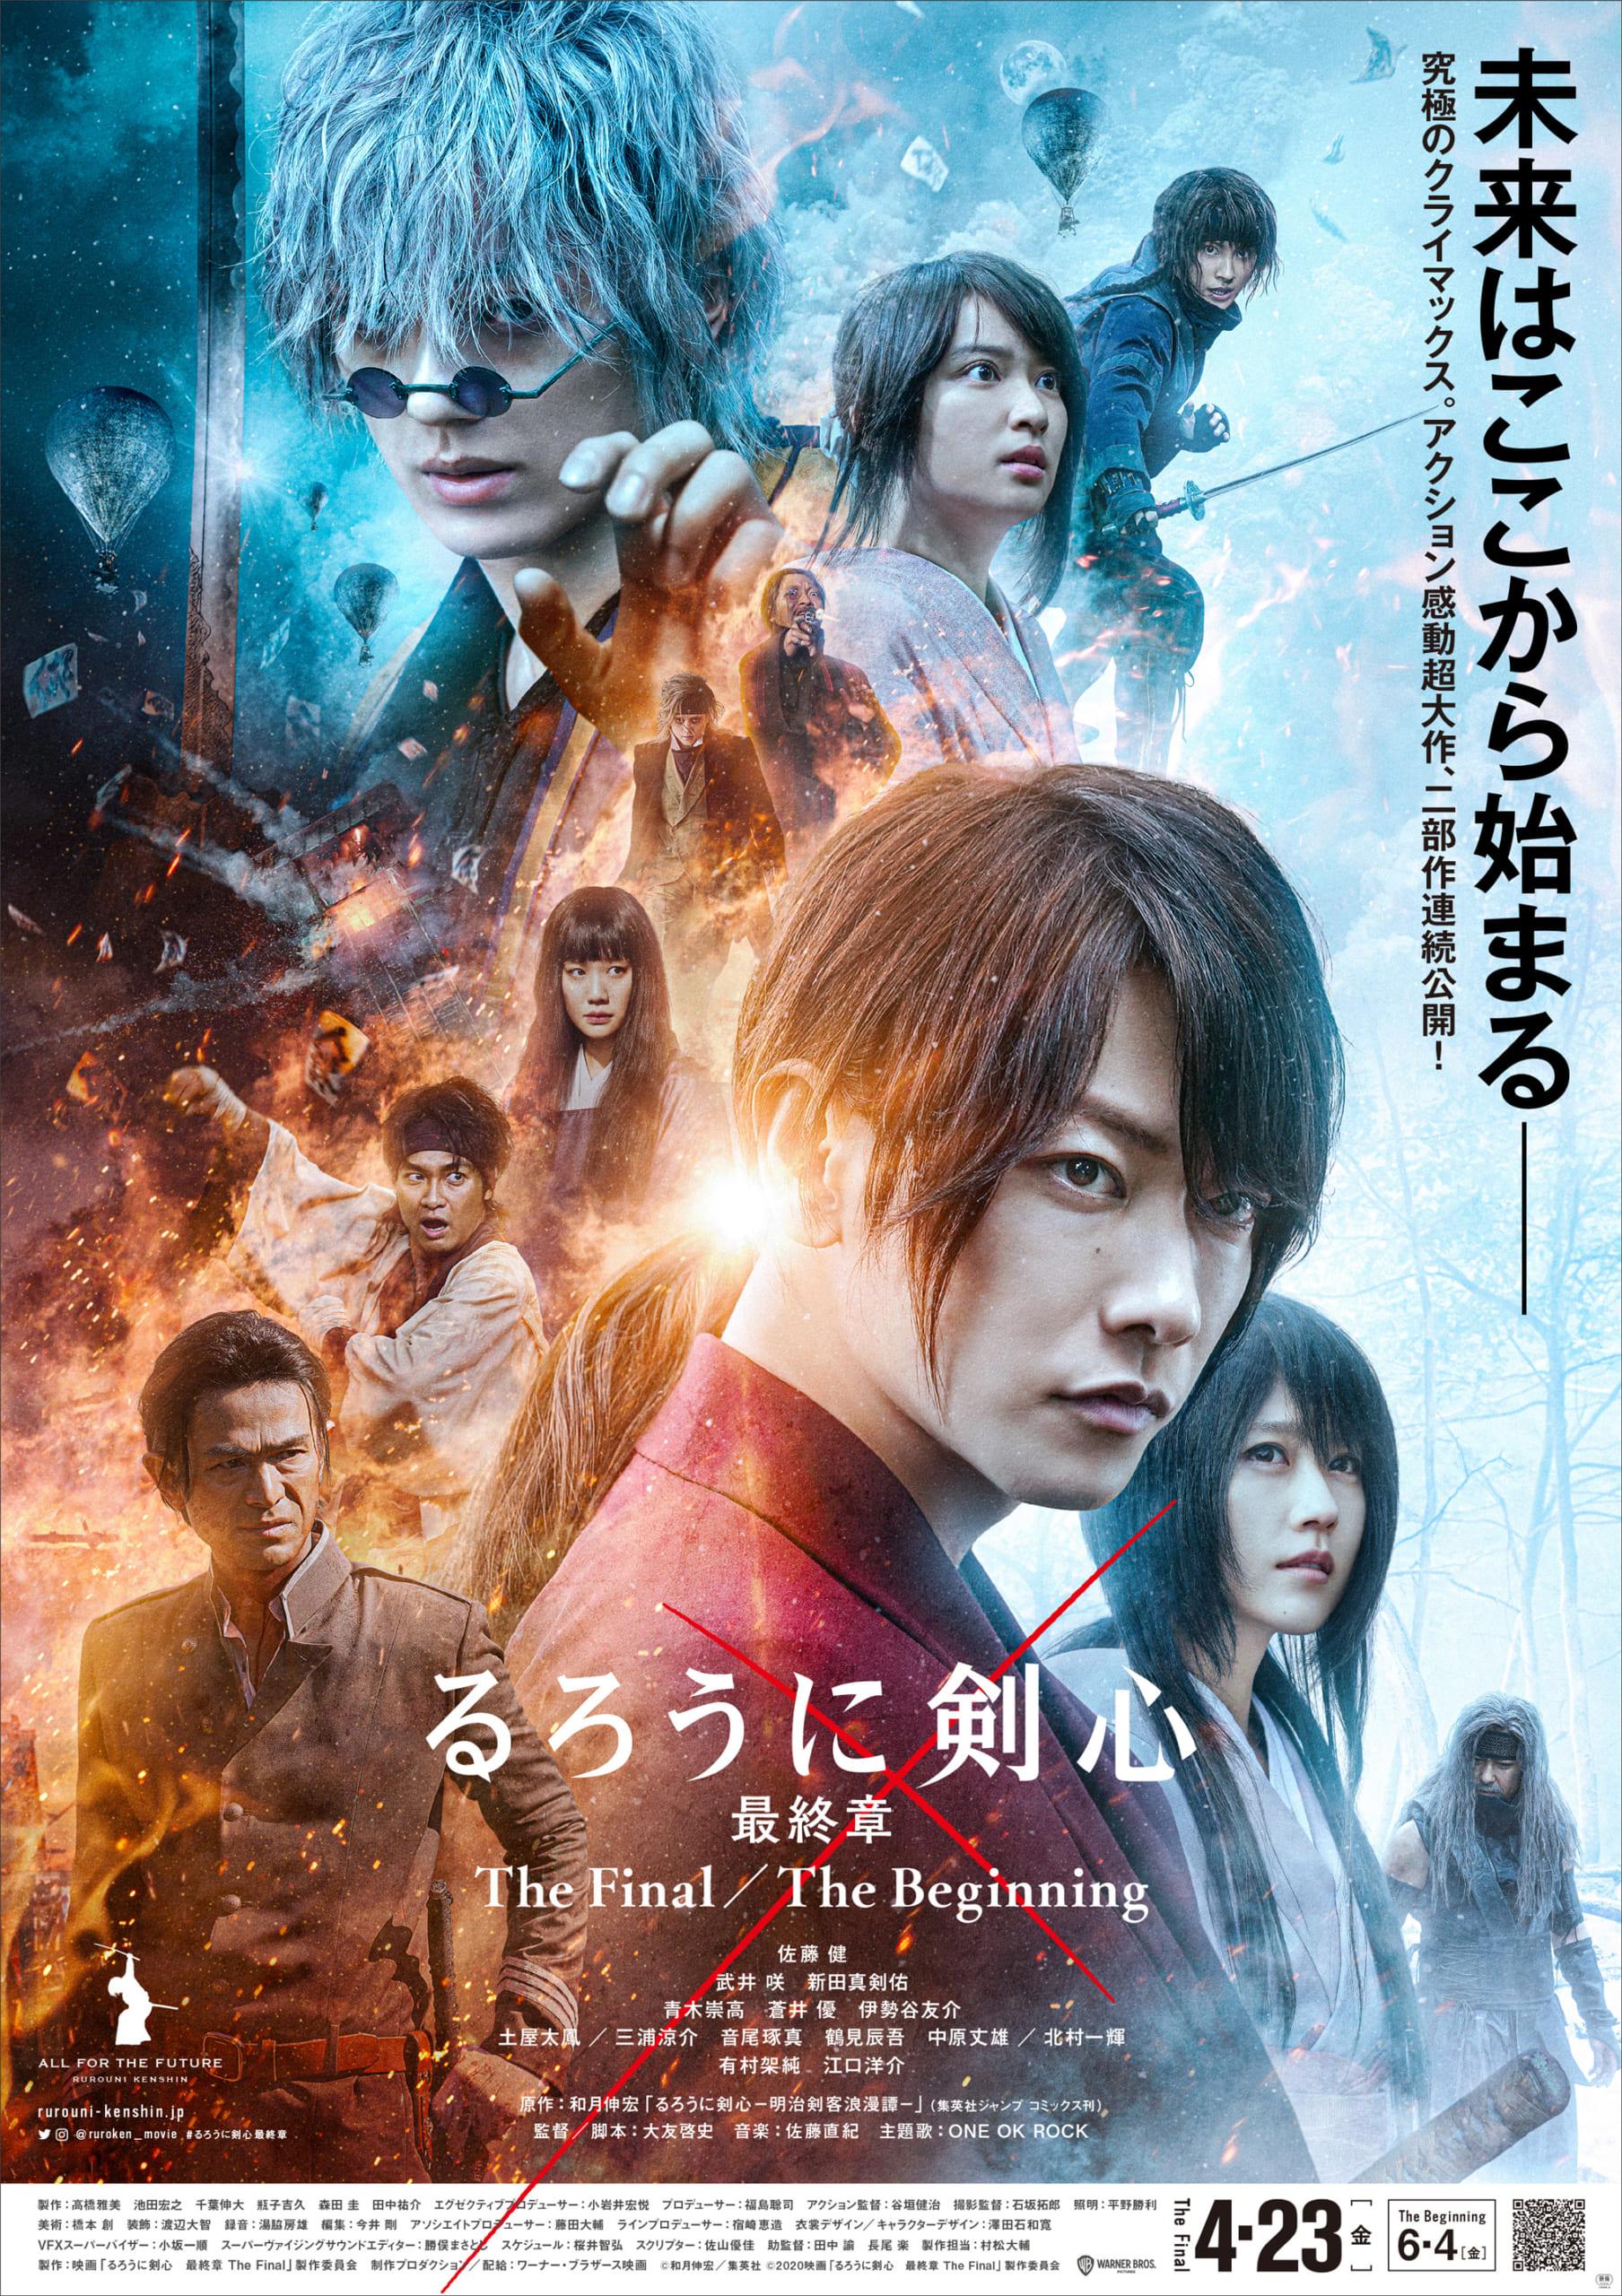 実写映画「るろうに剣心 最終章」公開日決定!超絶アクションを含む新映像&新ポスタービジュアル公開